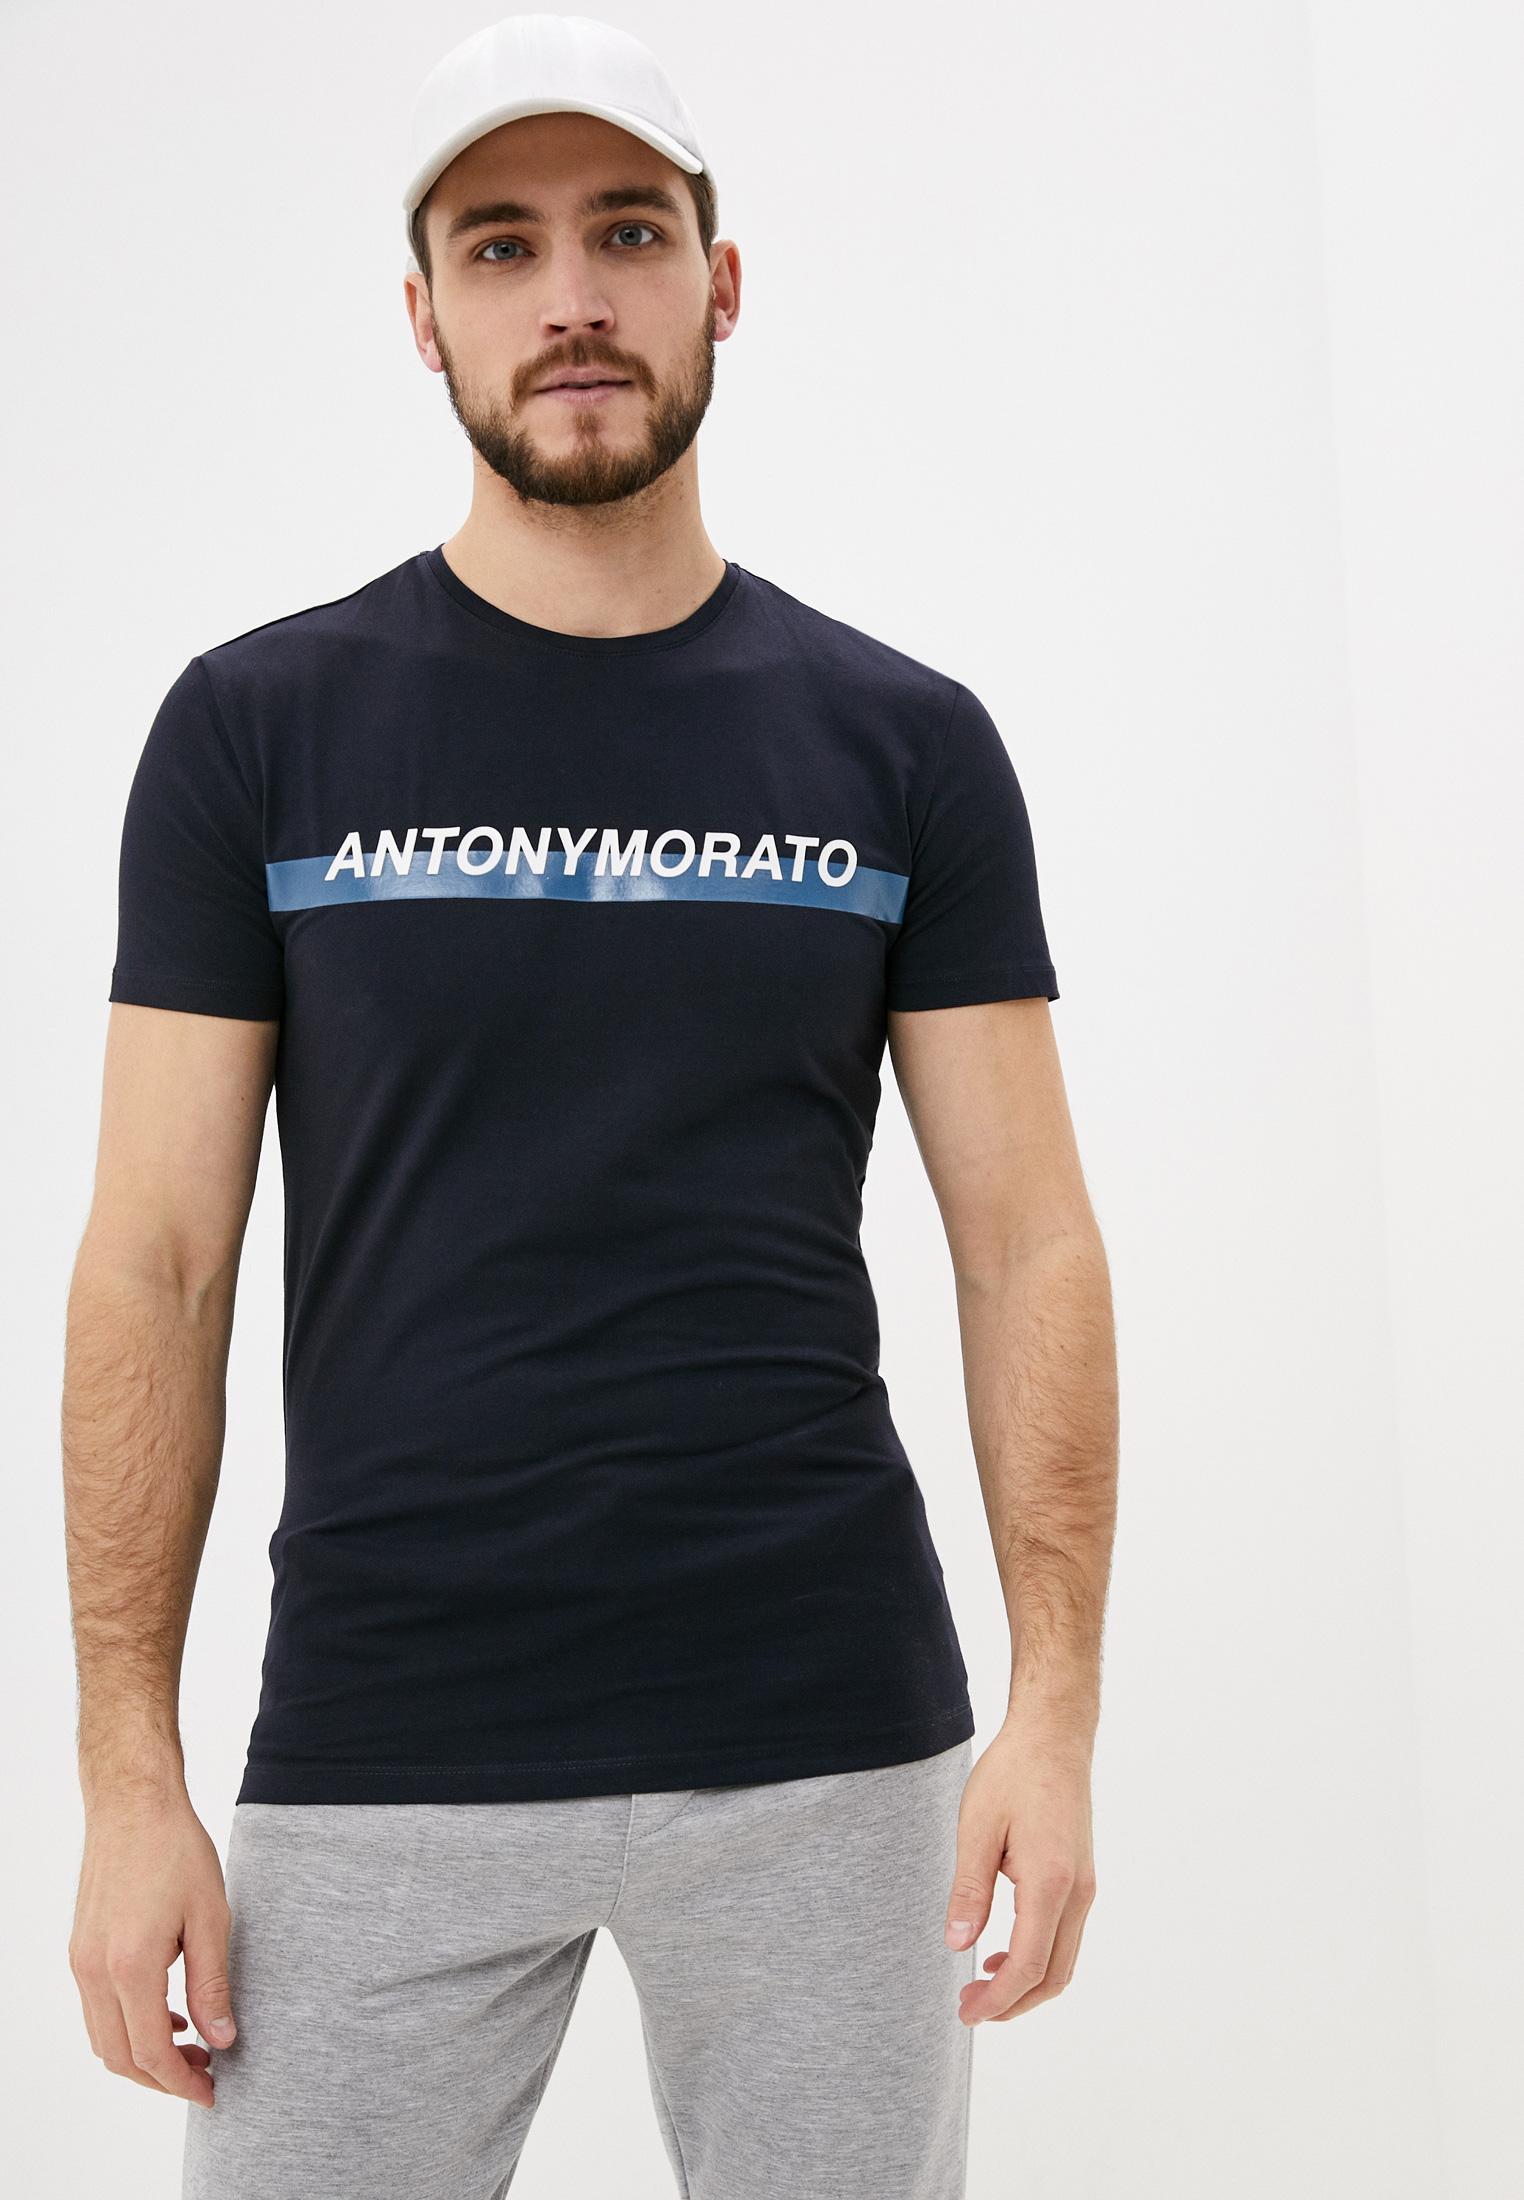 Футболка с коротким рукавом Antony Morato (Антони Морато) MMKS01415-FA120001-7068